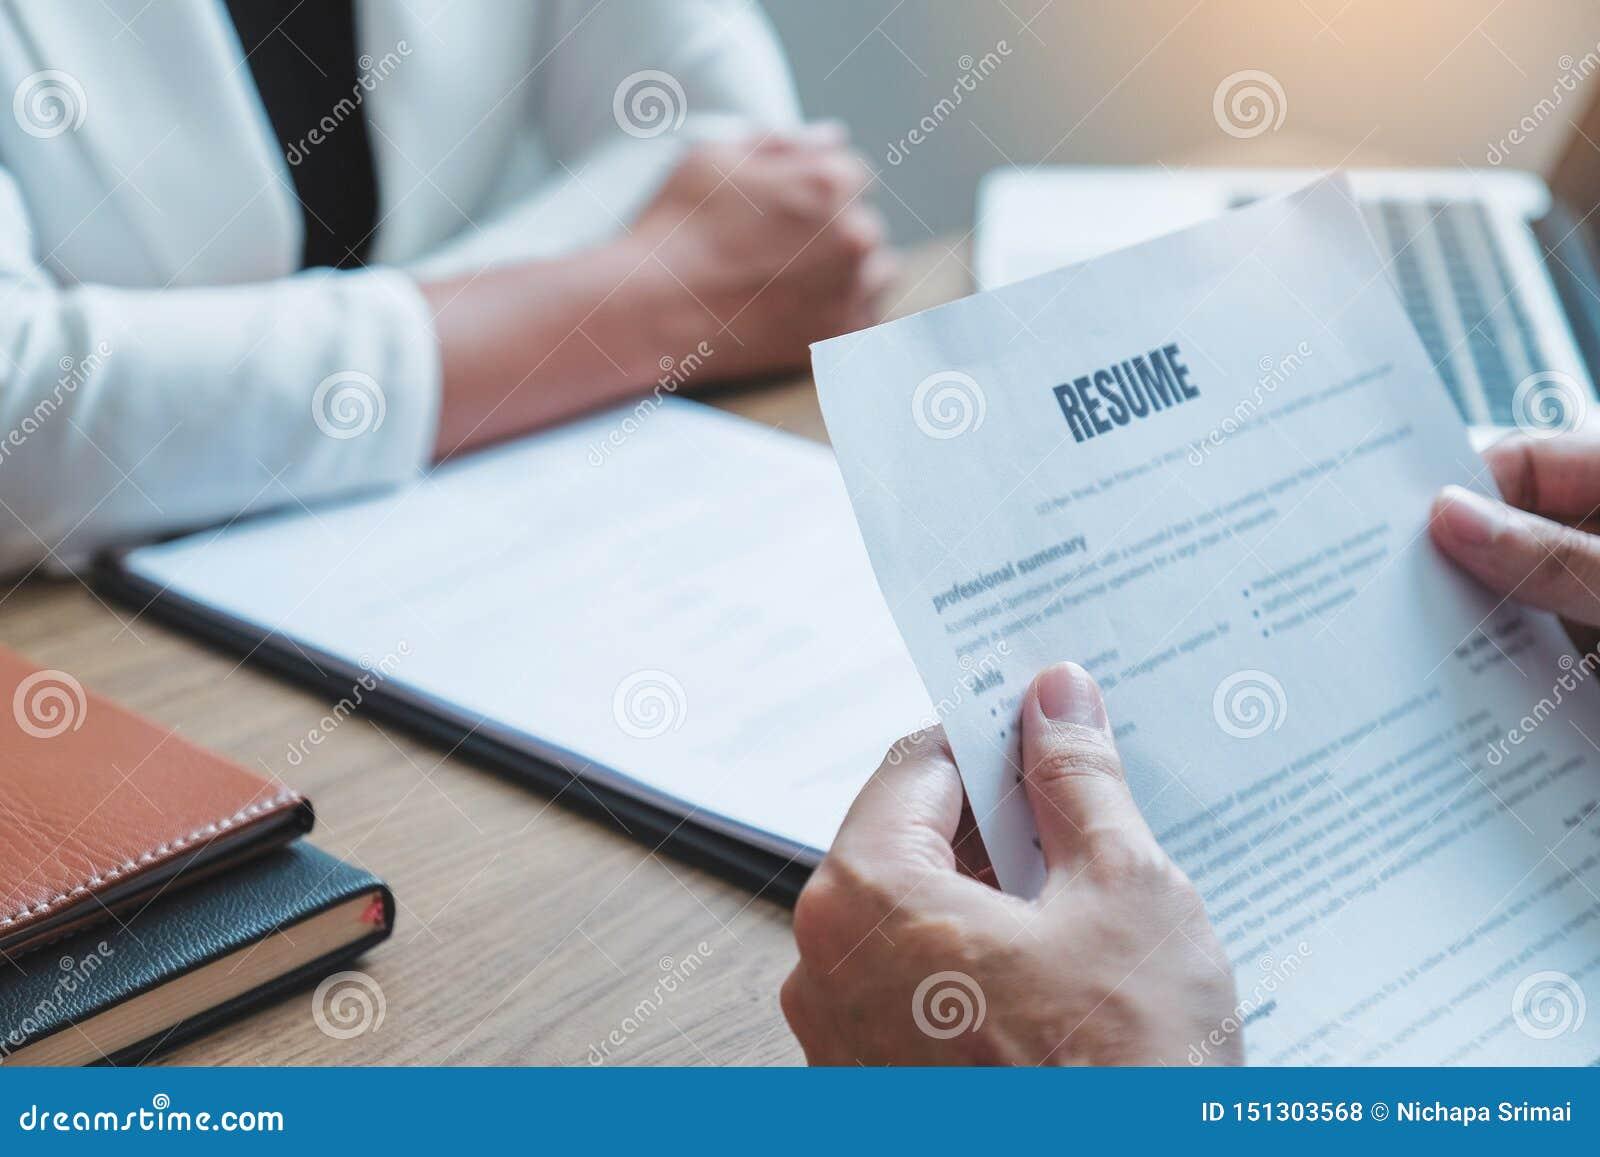 Alto directivo hora que lee un curriculum vitae durante un candidato y un reclutamiento de la reunión del hombre joven del emplea